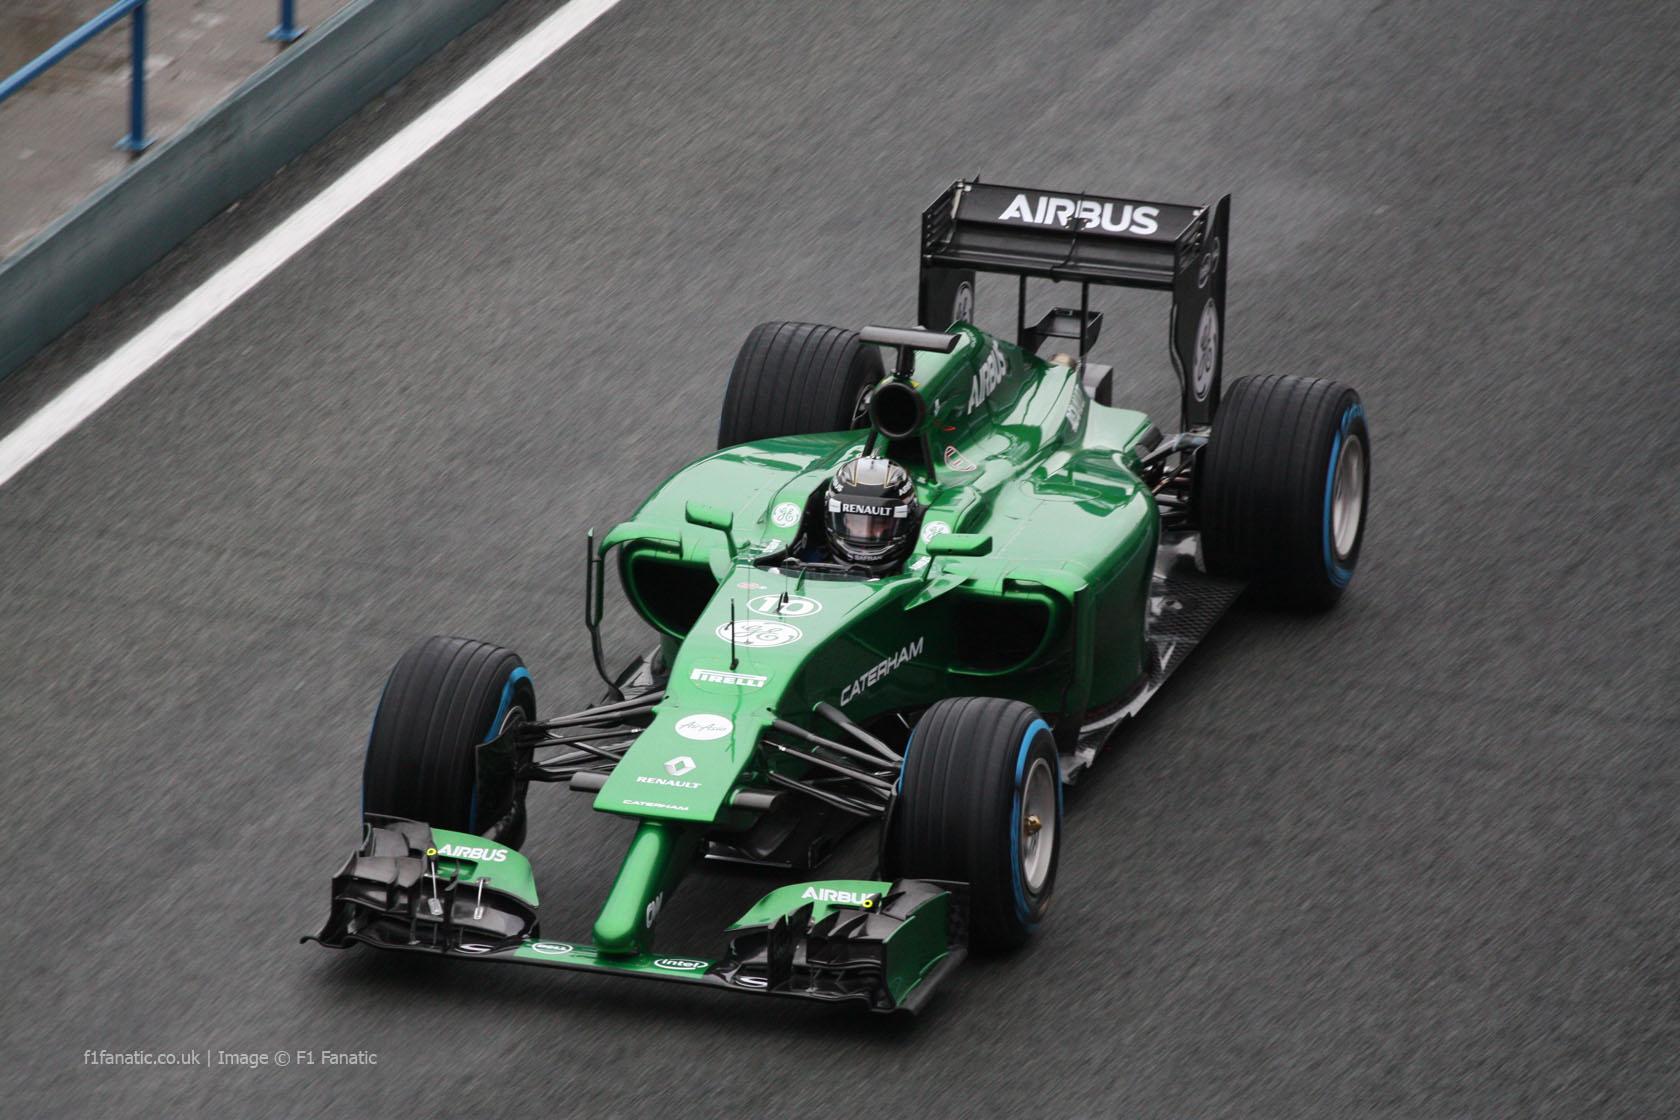 Caterham f1 - Foto by F1 Fanatic